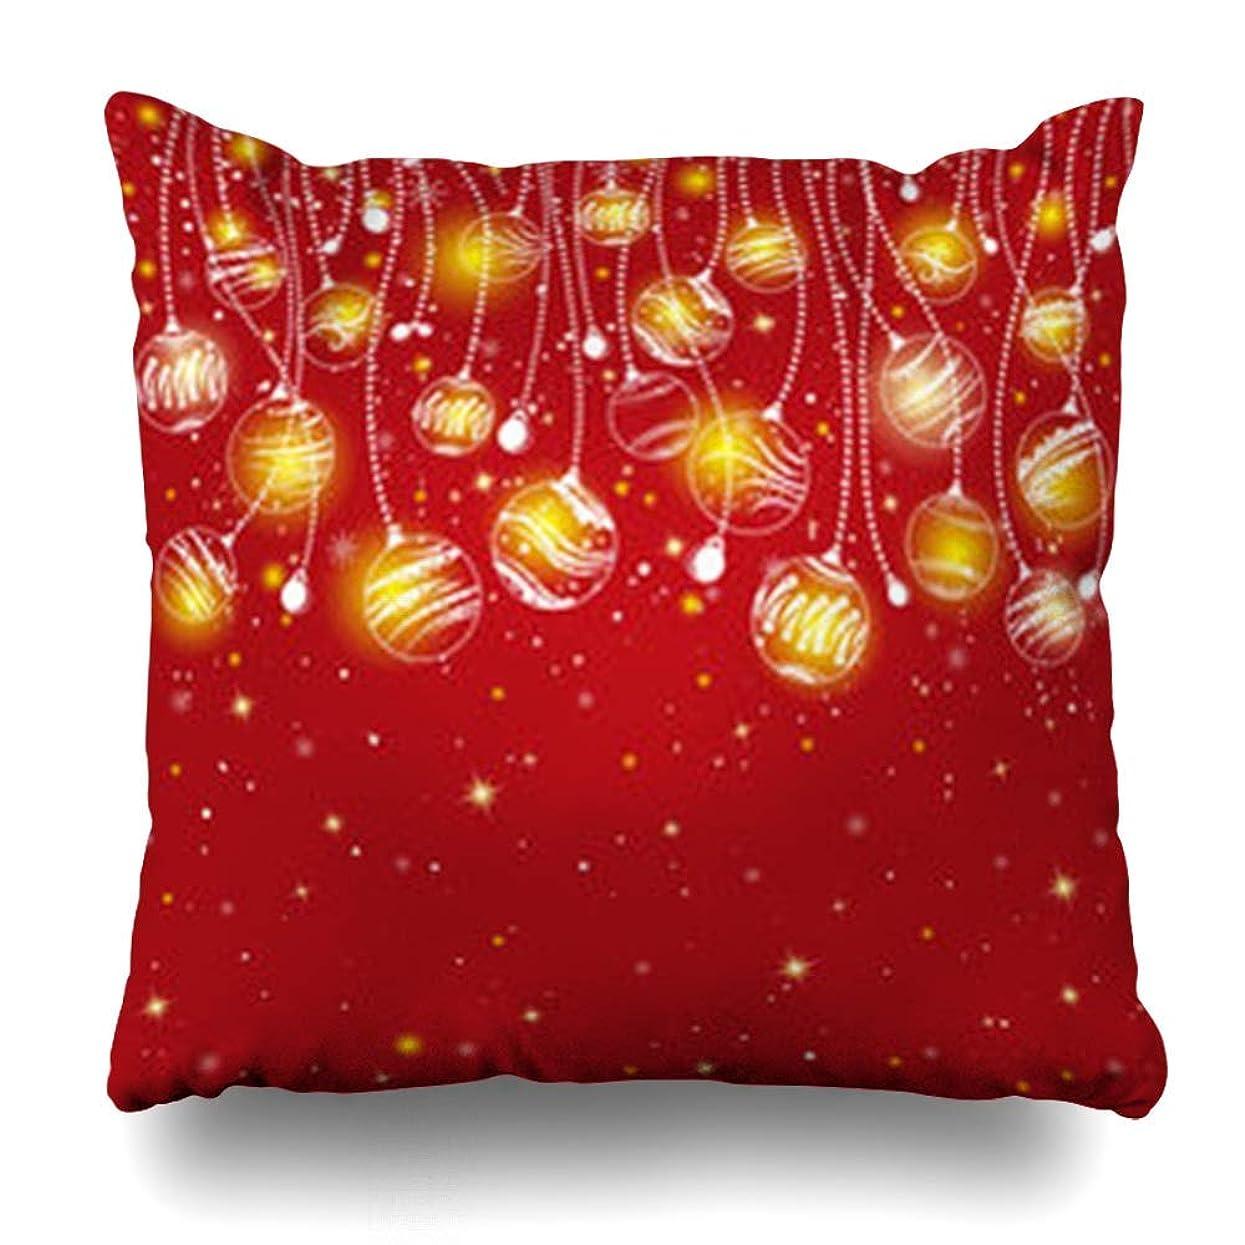 ハングセッション分散スロー枕カバー冬クリスマスネイチャーツリーホリデークリスマスモミ白Snowflakedesign定型化ホームデコレーションクッションケースSquare18 * 18インチ装飾ソファ枕カバー